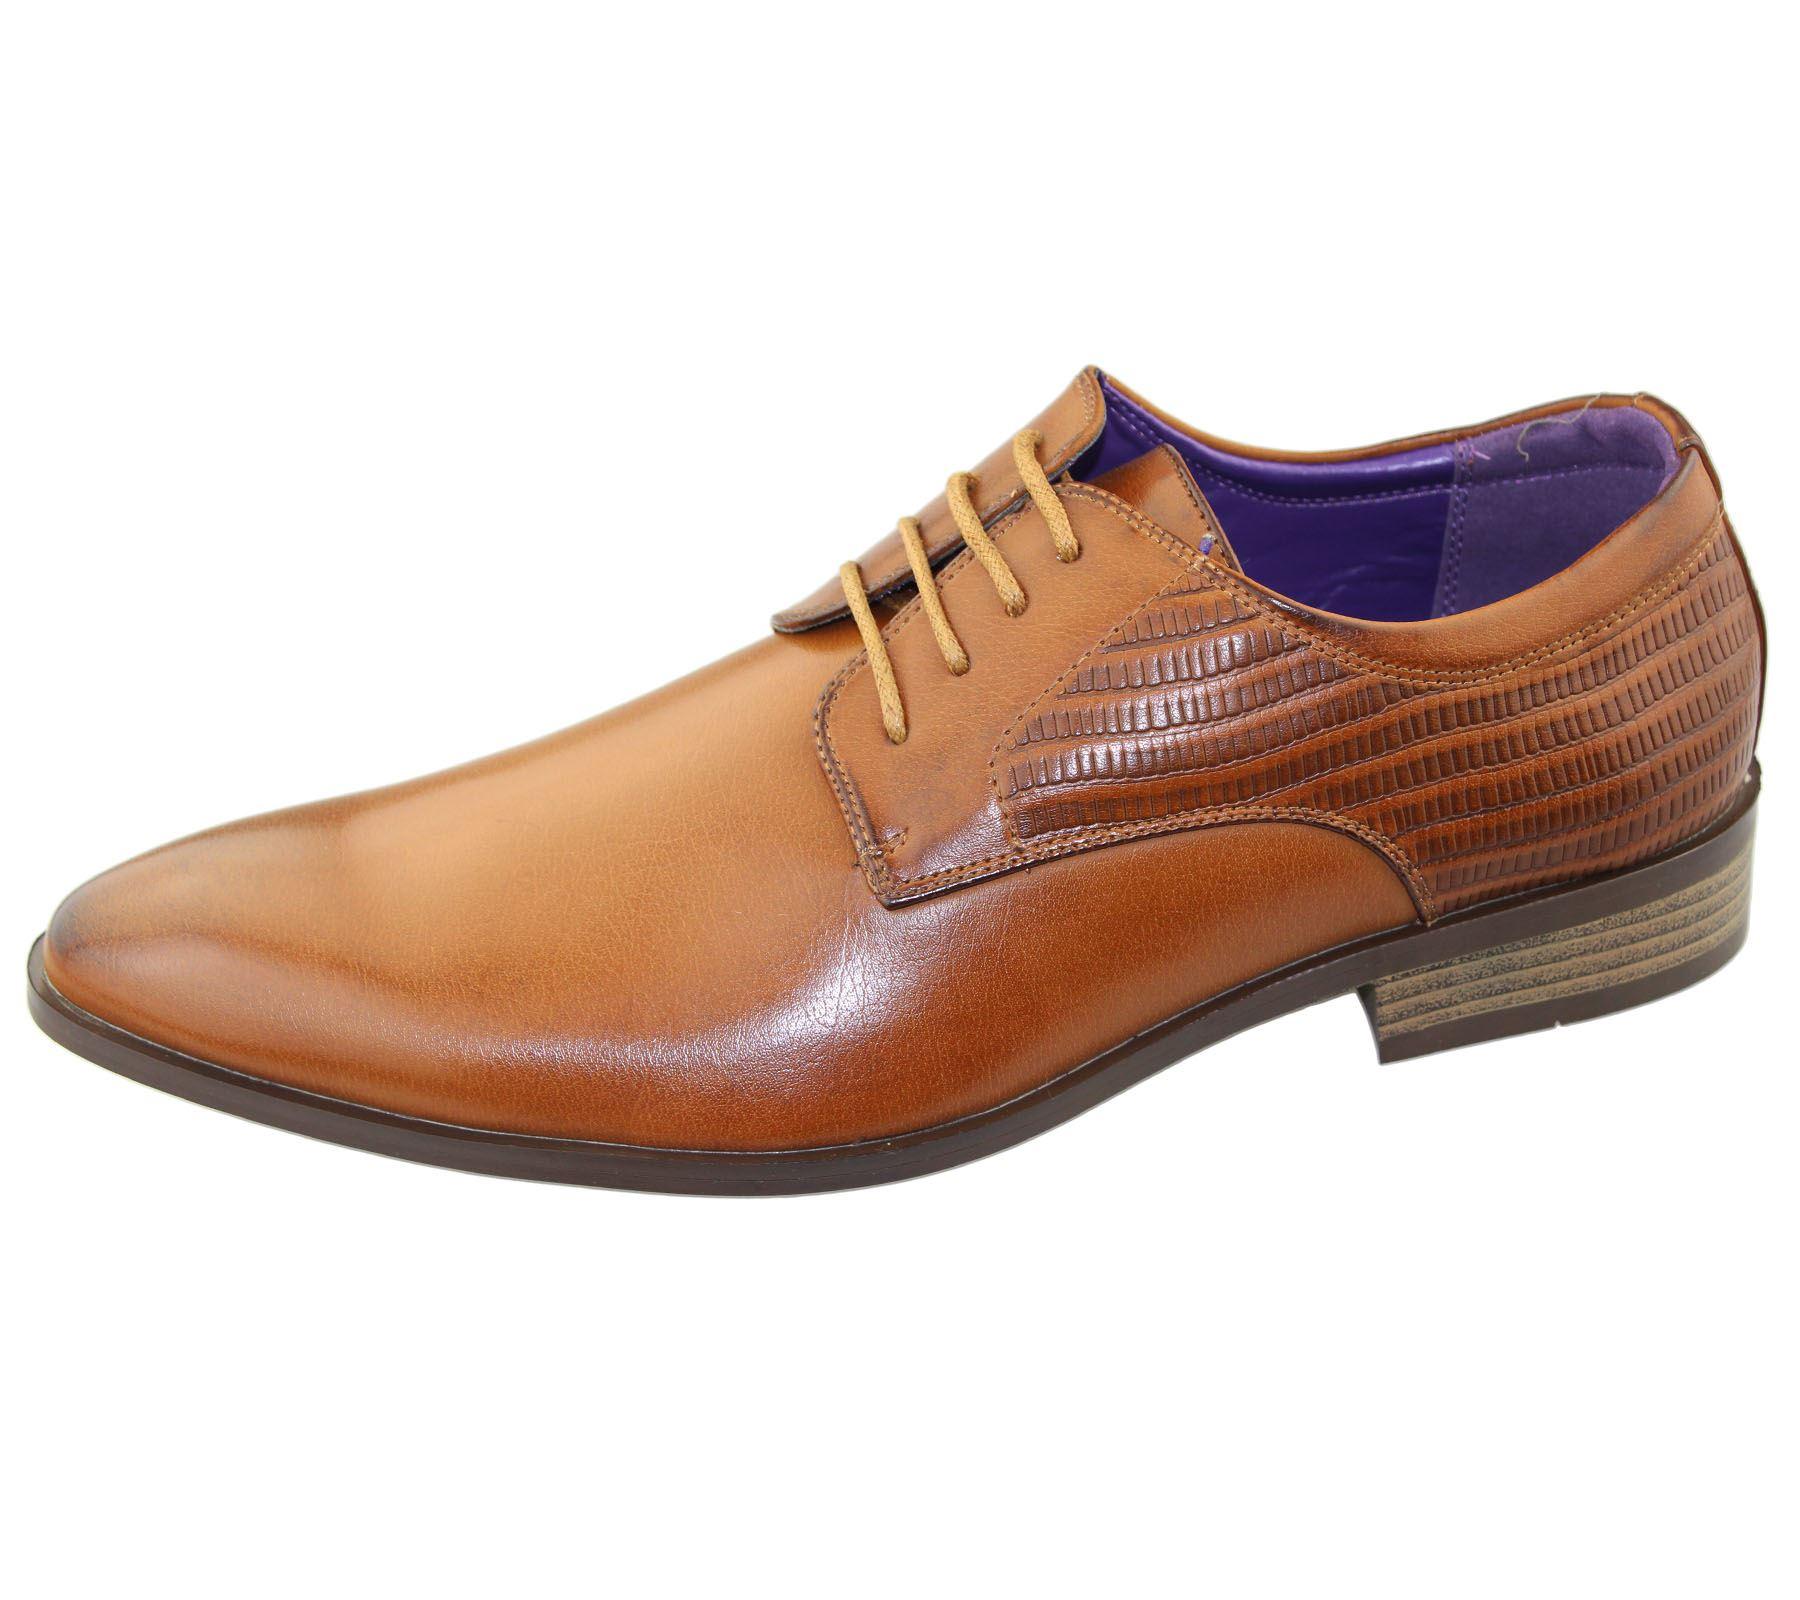 Herren Brogues Schuhe Büro Freizeit Hochzeit Formell Smart Kleid Neu Größe